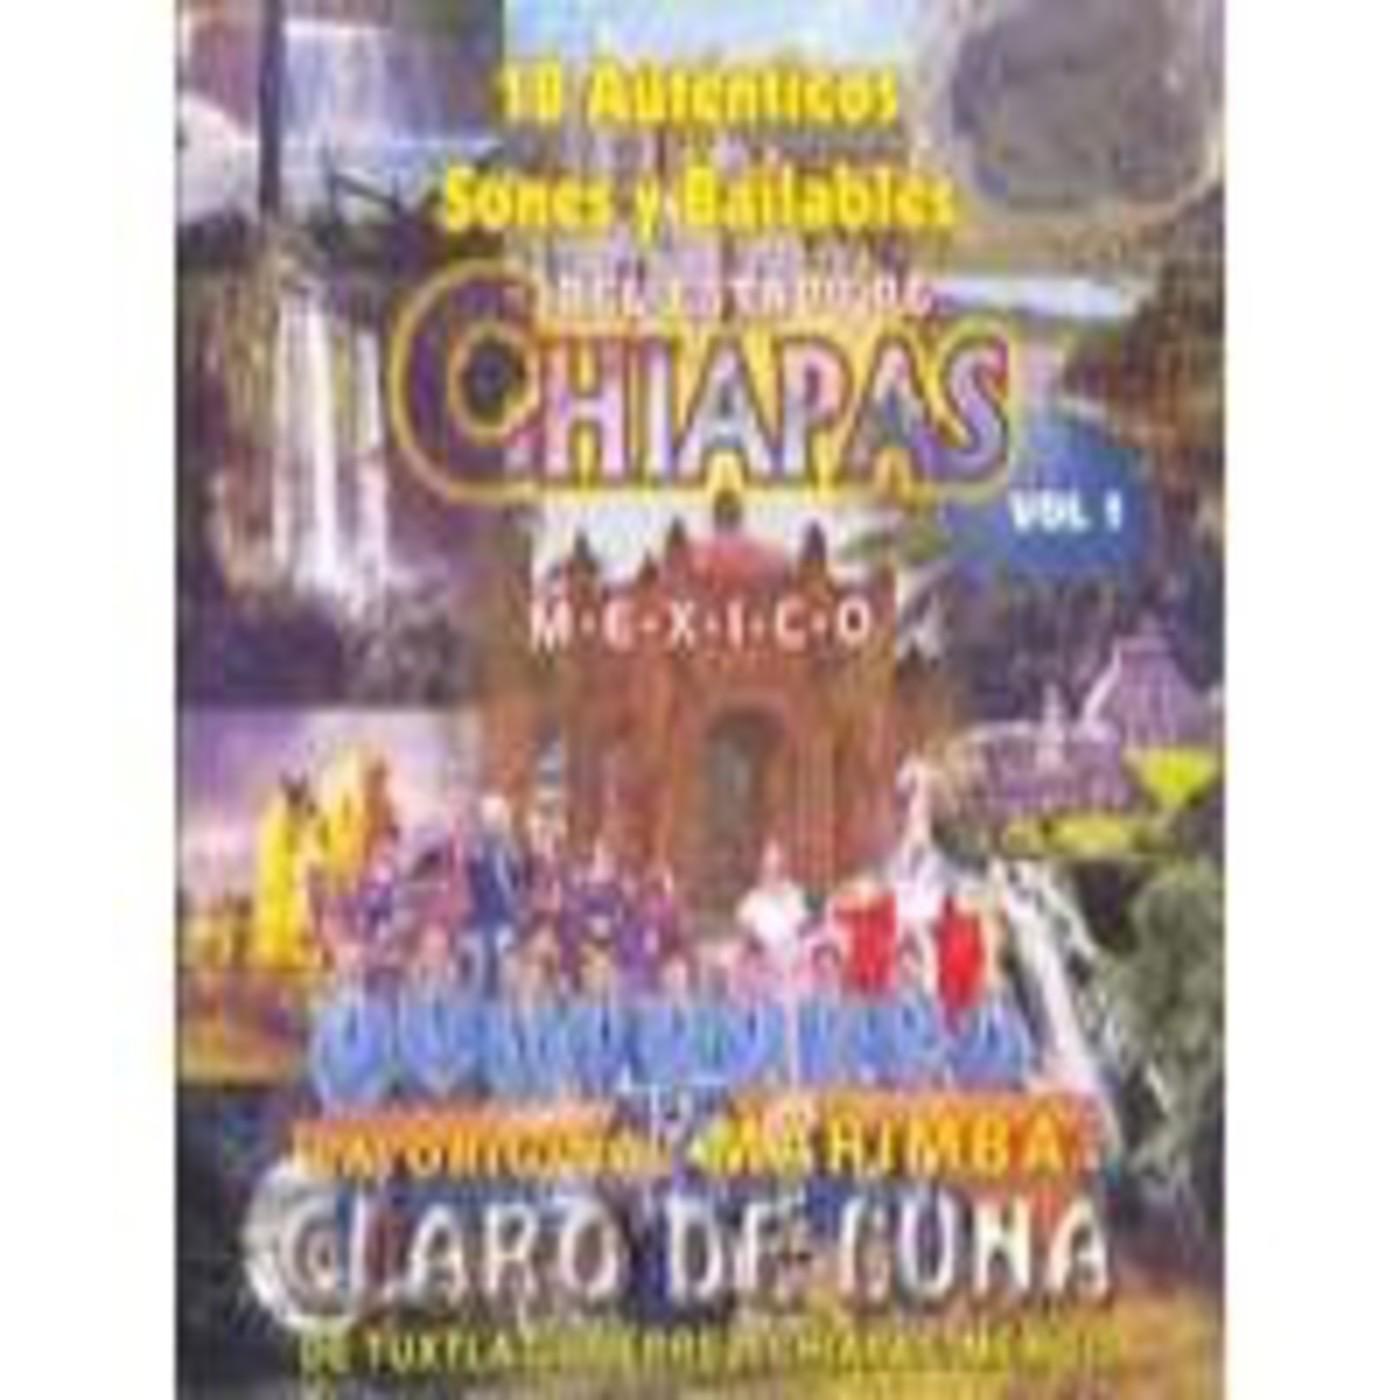 Marimba Claro de Luna - 35 Auténticos Sones y Bailables del Estado de Chiapas, México | 1:54:23 Hrs